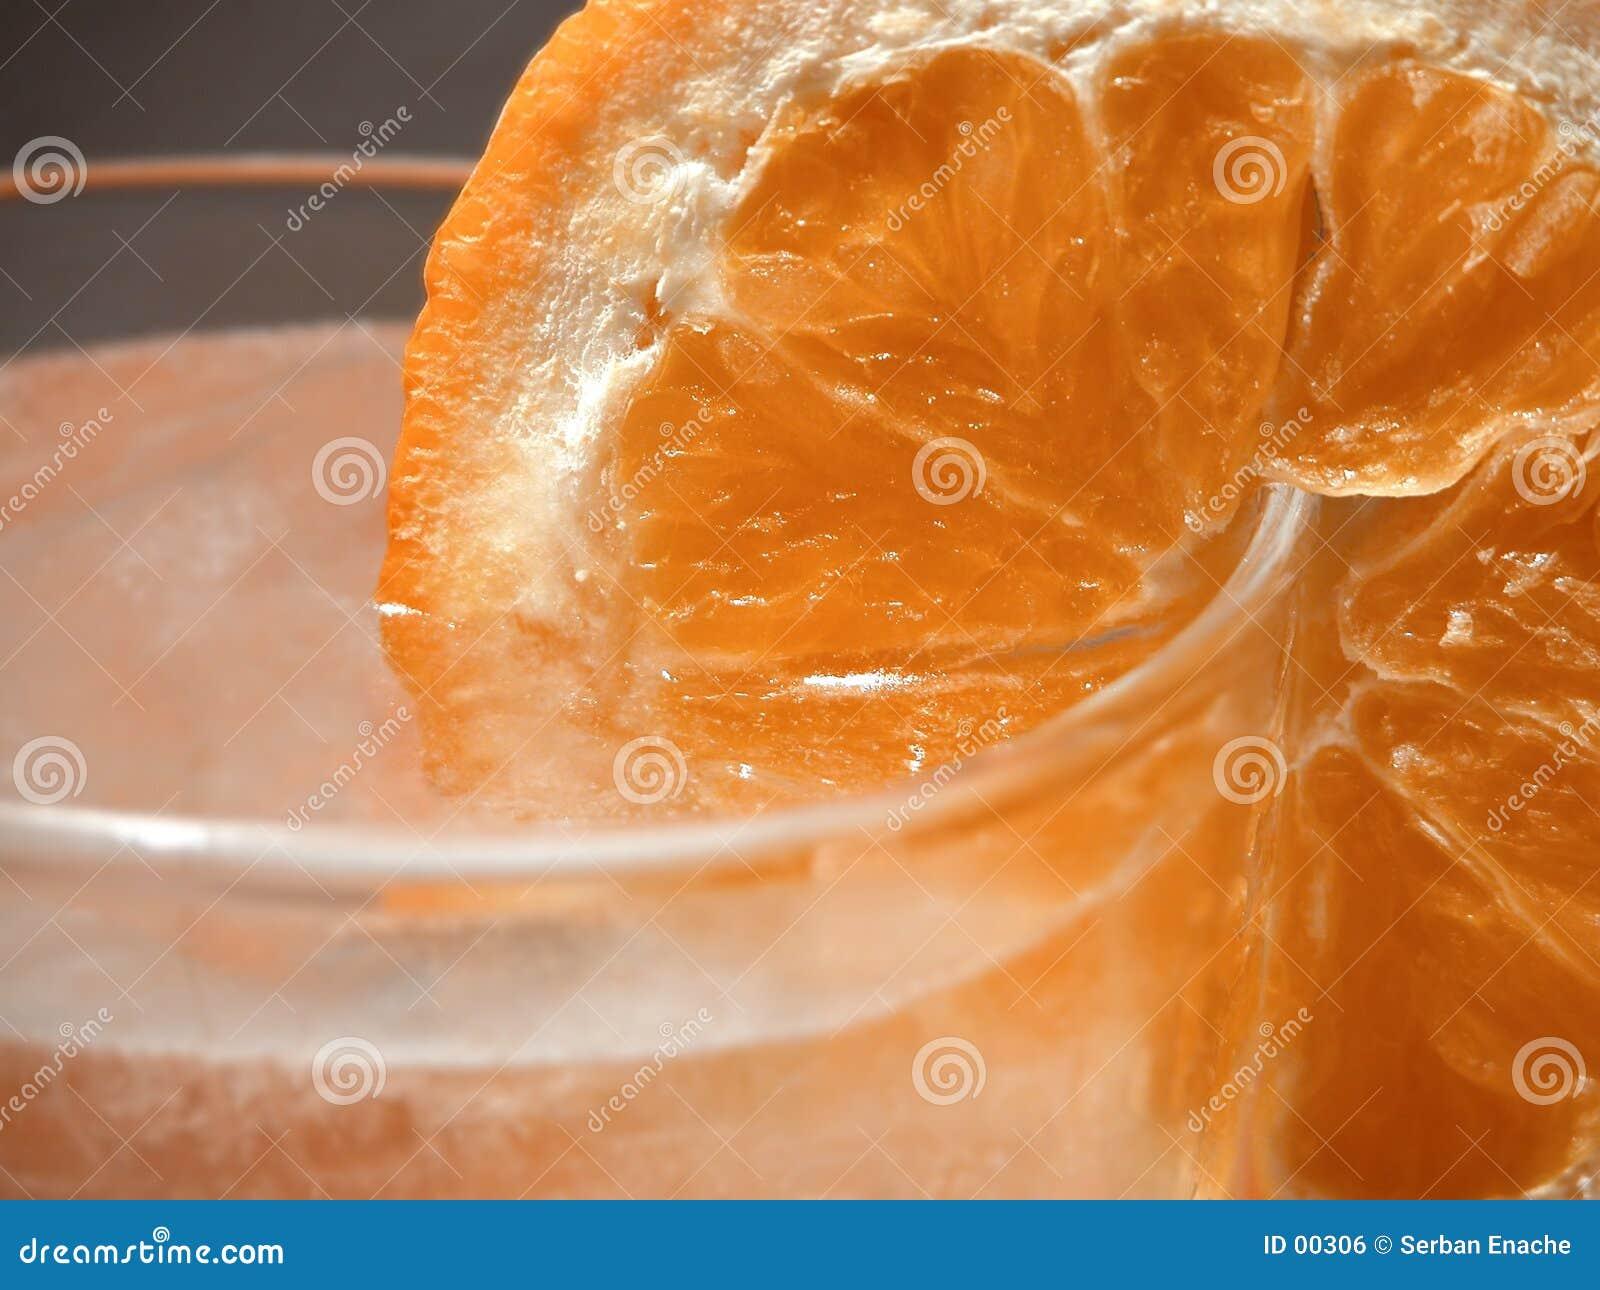 Orange Scheibe - Sonderkommando